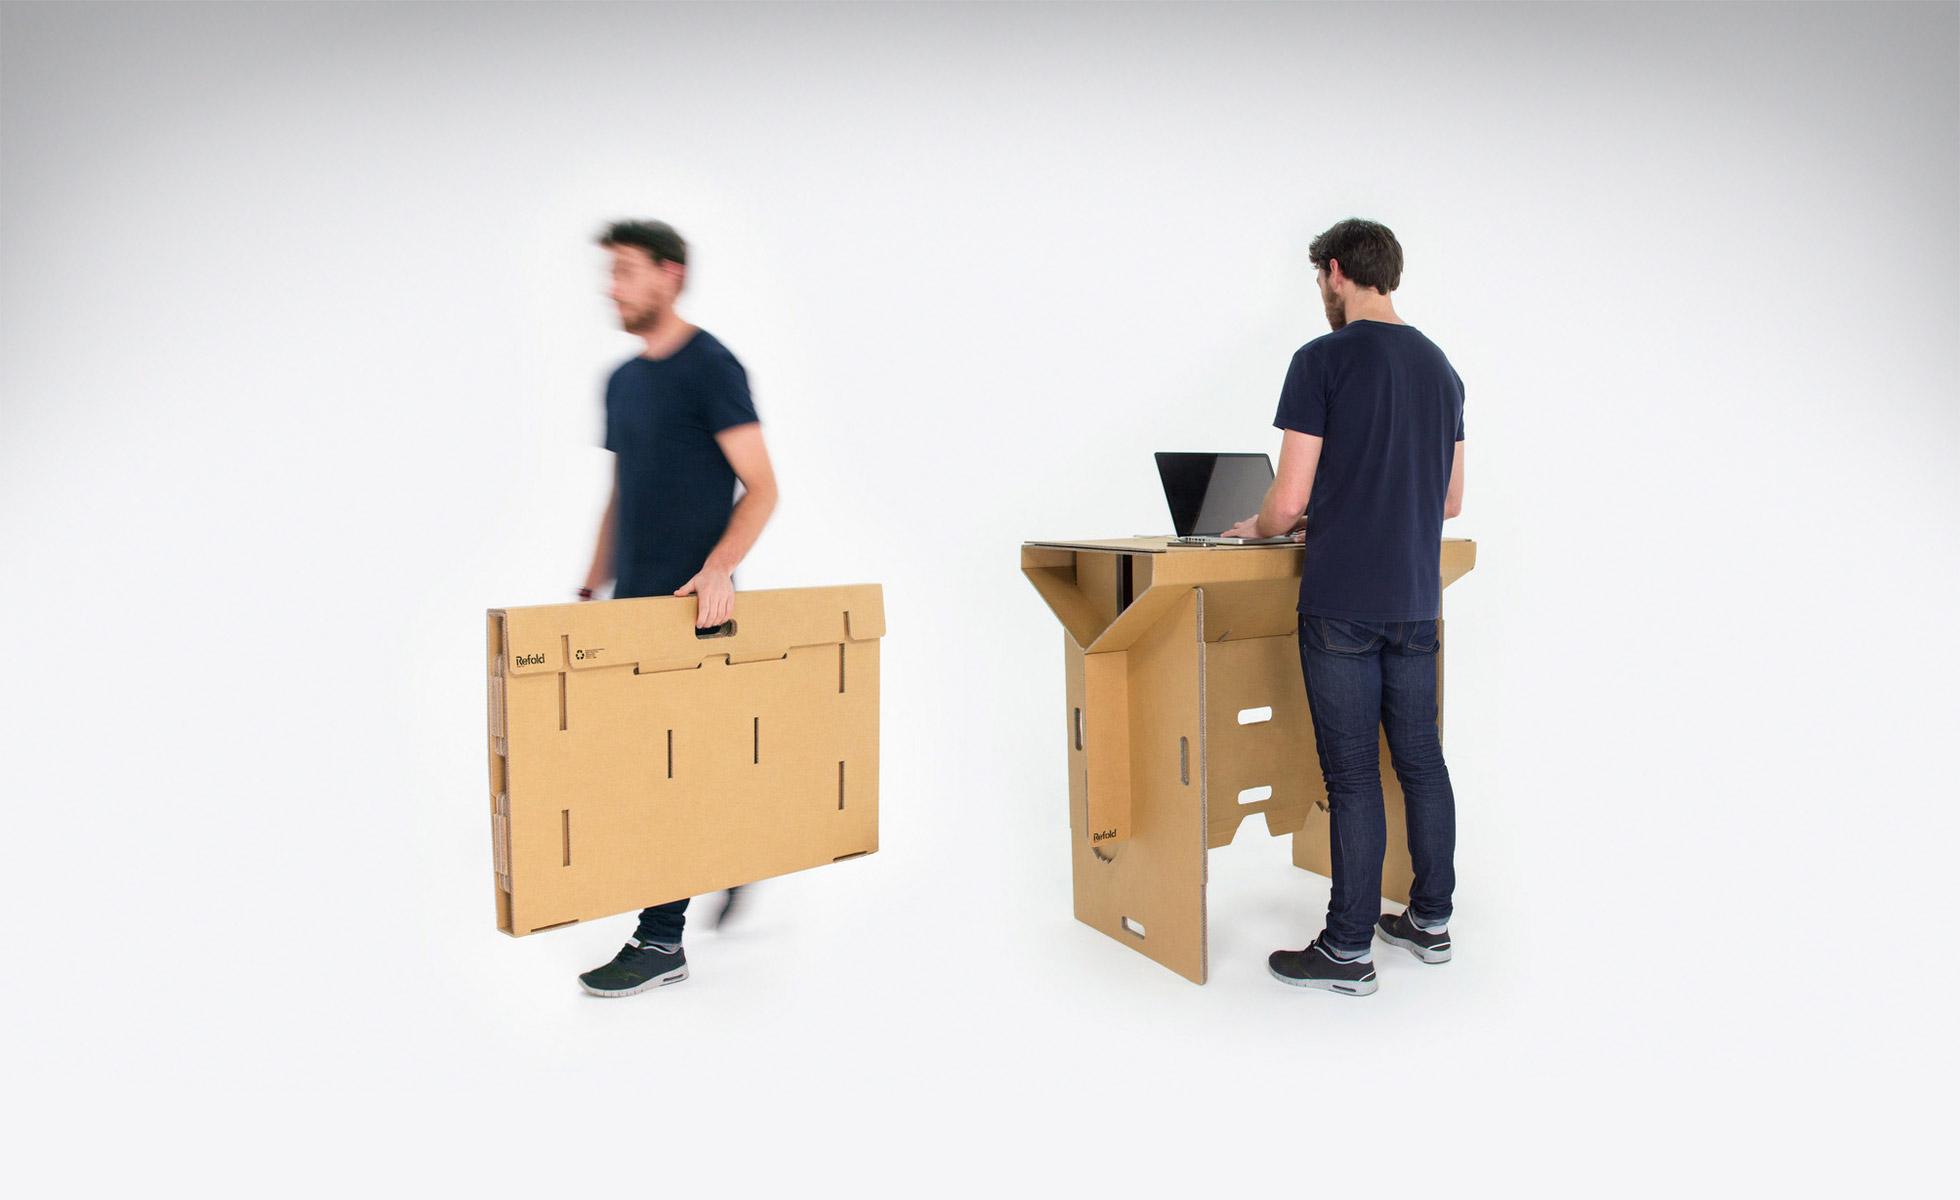 足以支撑一人重量的Refold站立办公桌